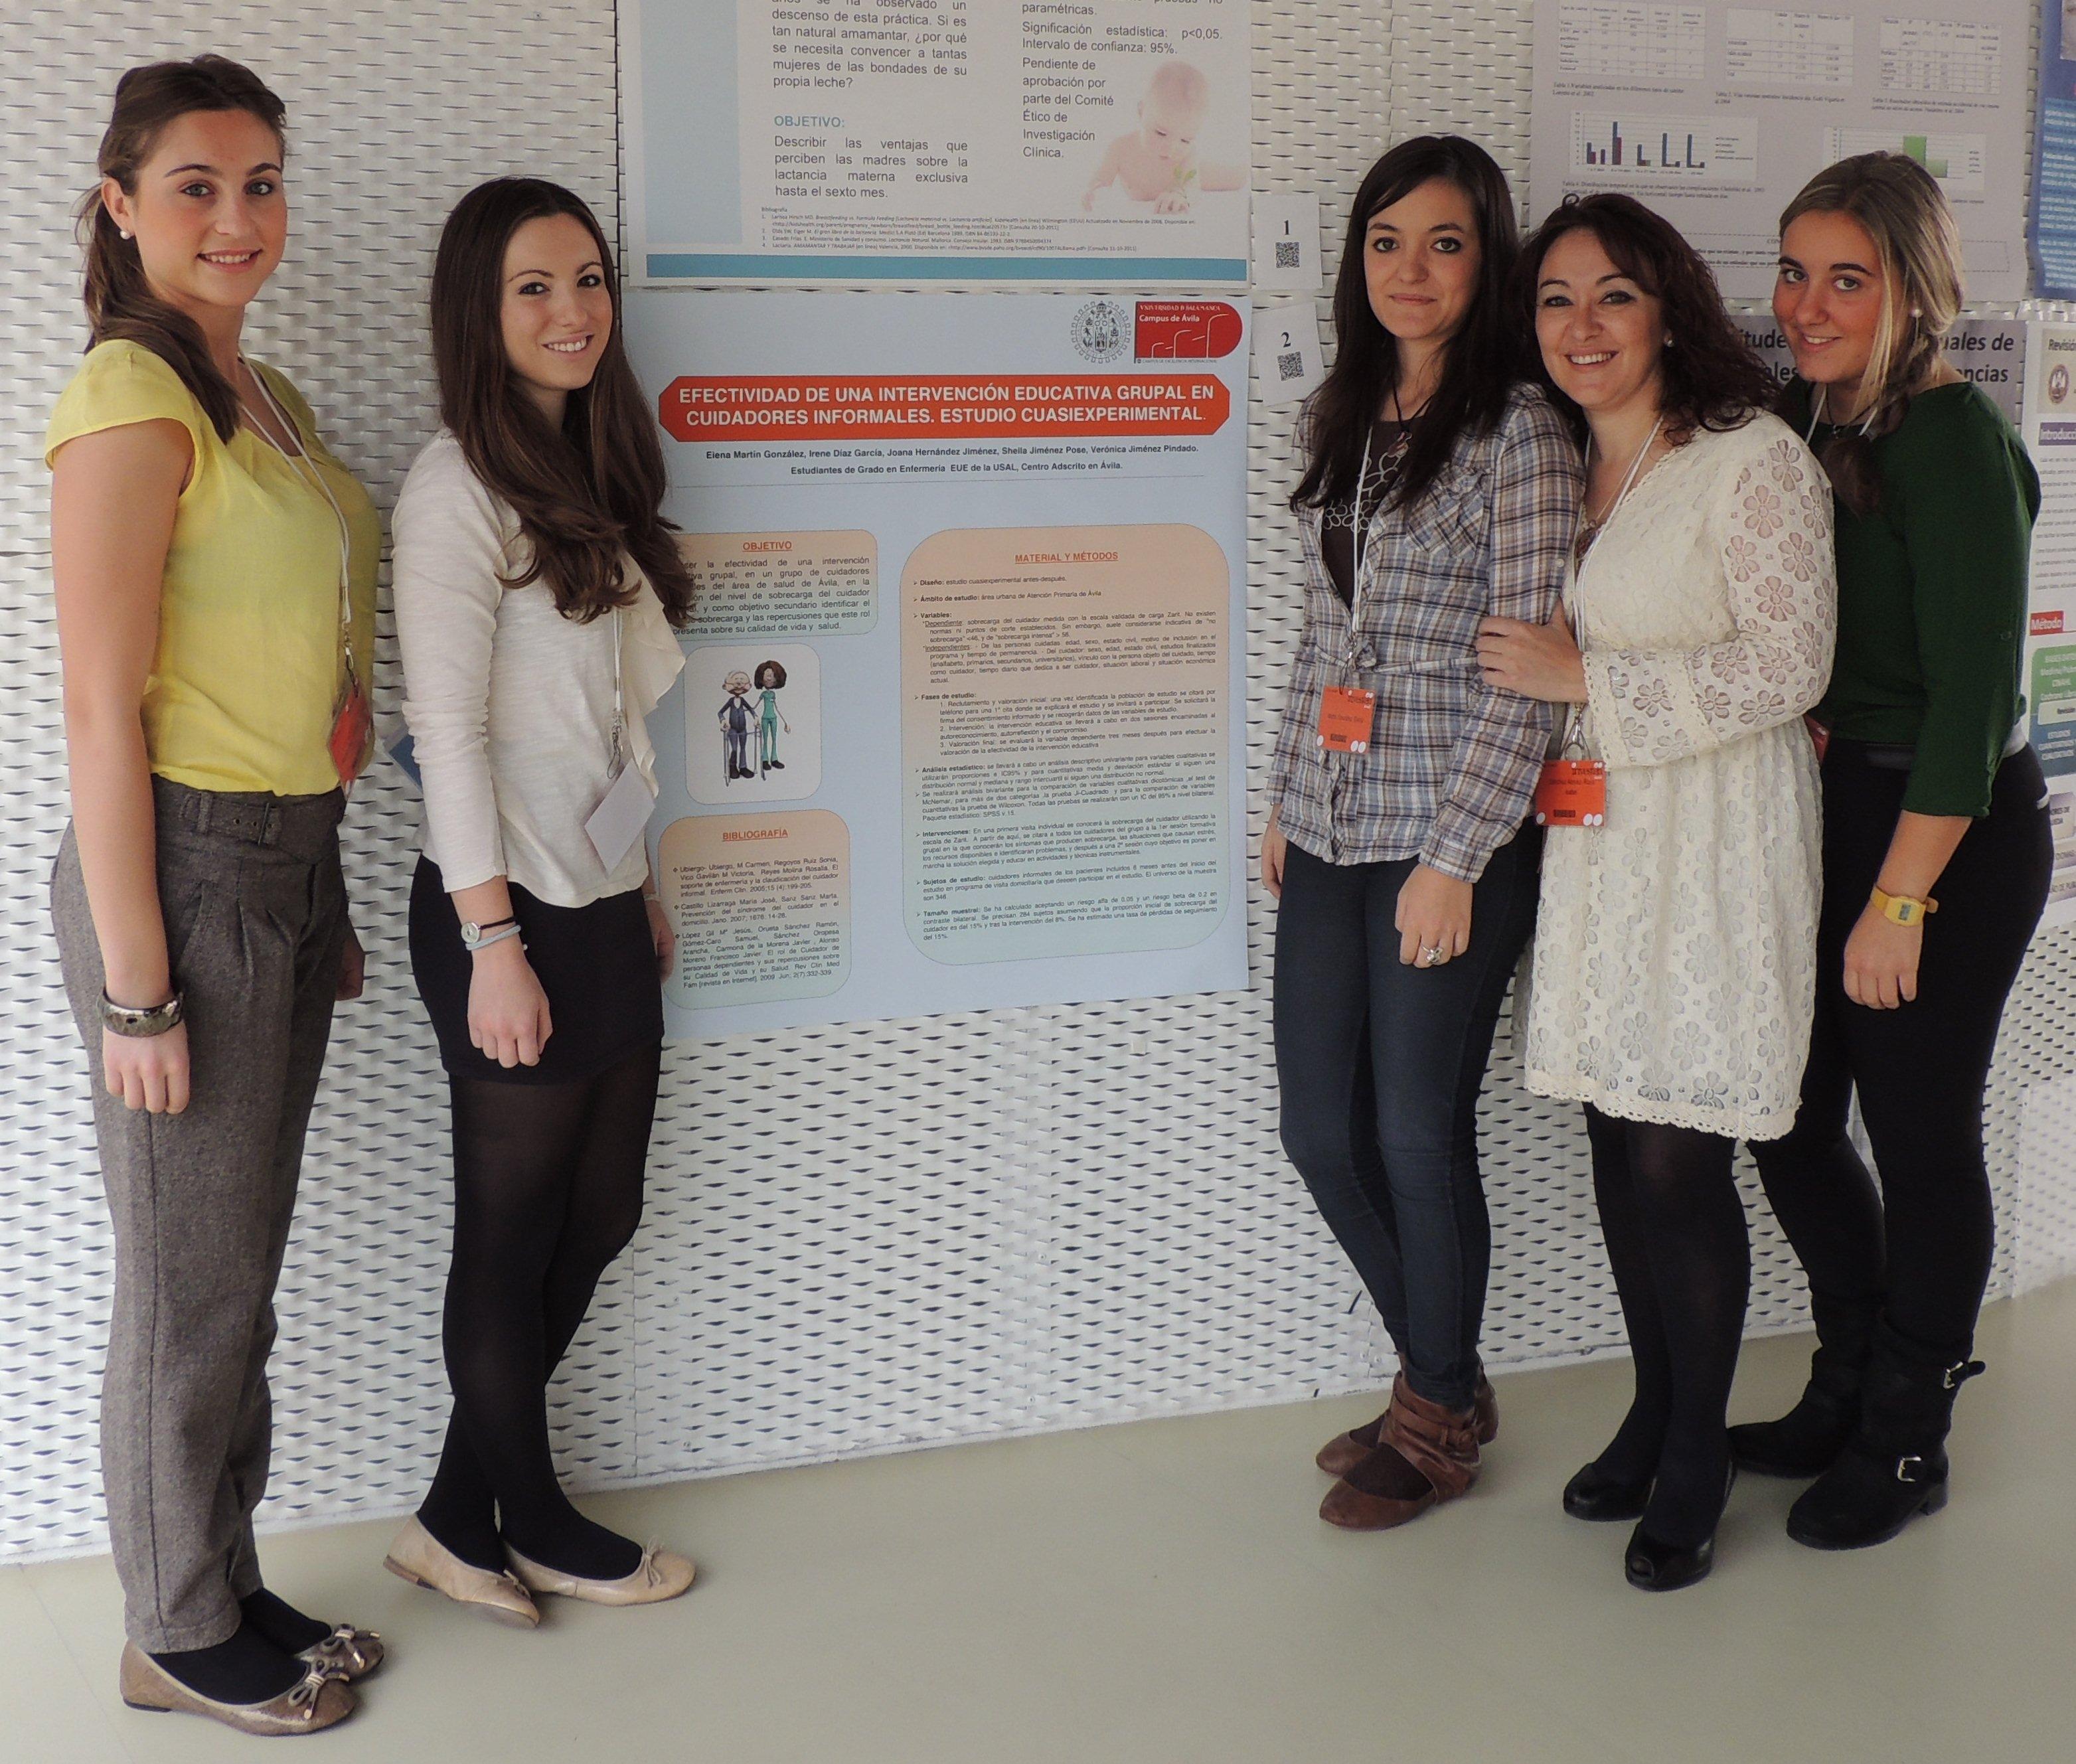 Estudiantes de la Escuela de Enfermería de Ávila reciben un premio en el XVI Congreso de Enfermería de INVESTEN